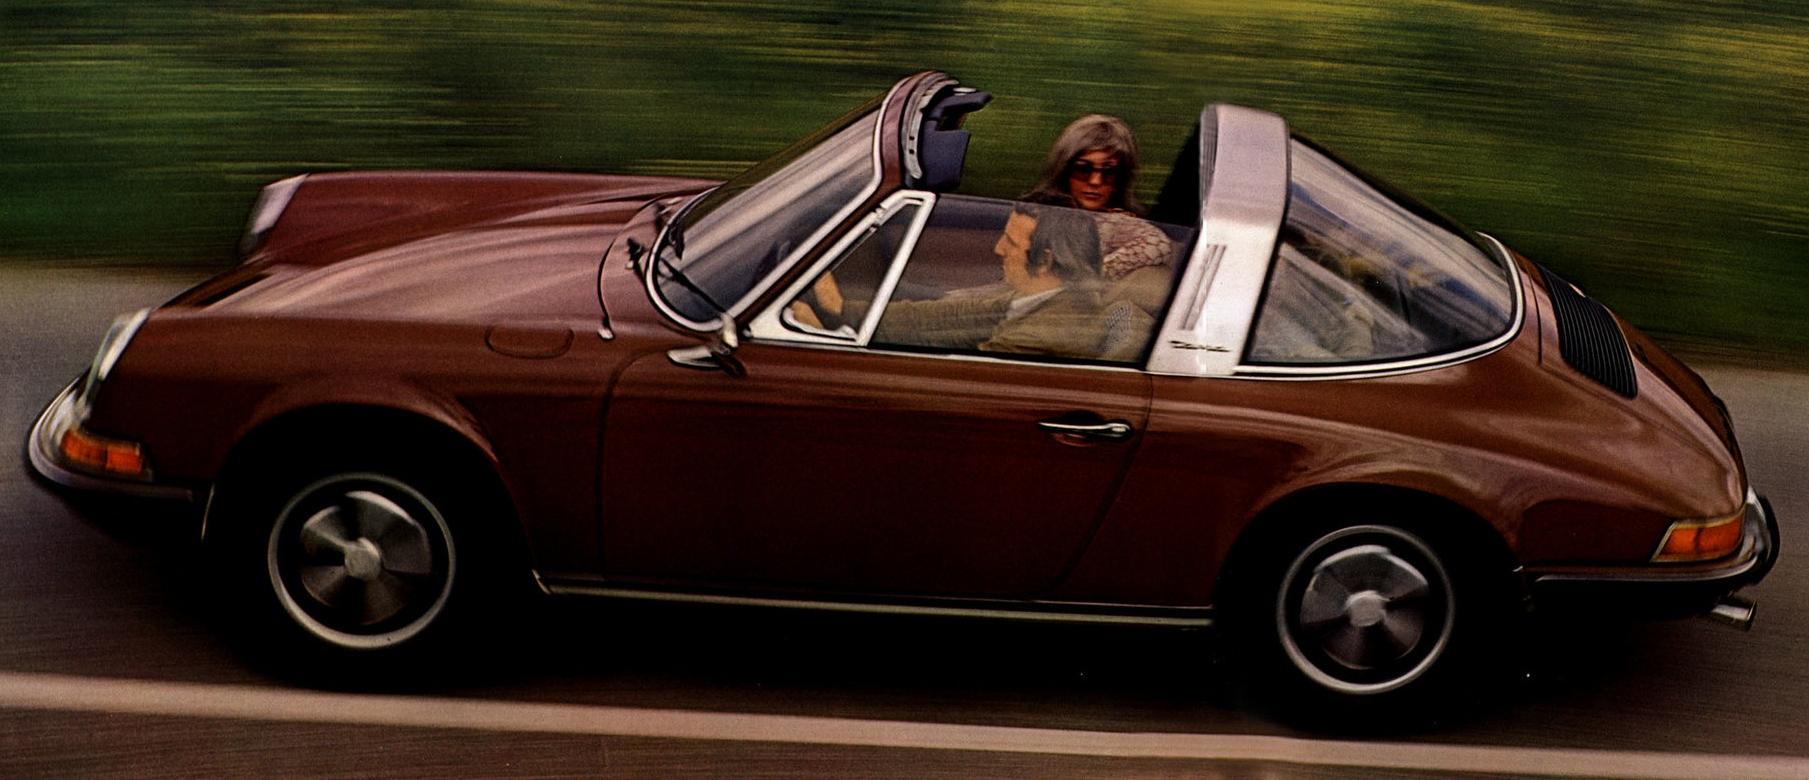 TunnelRam_Porsche 911 (11).jpg